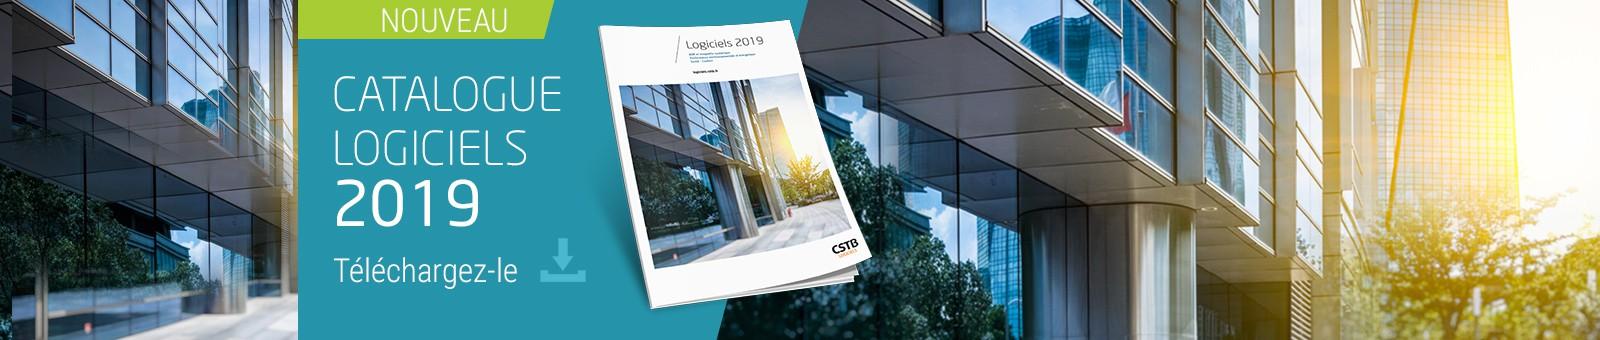 Catalogue Logiciels 2019